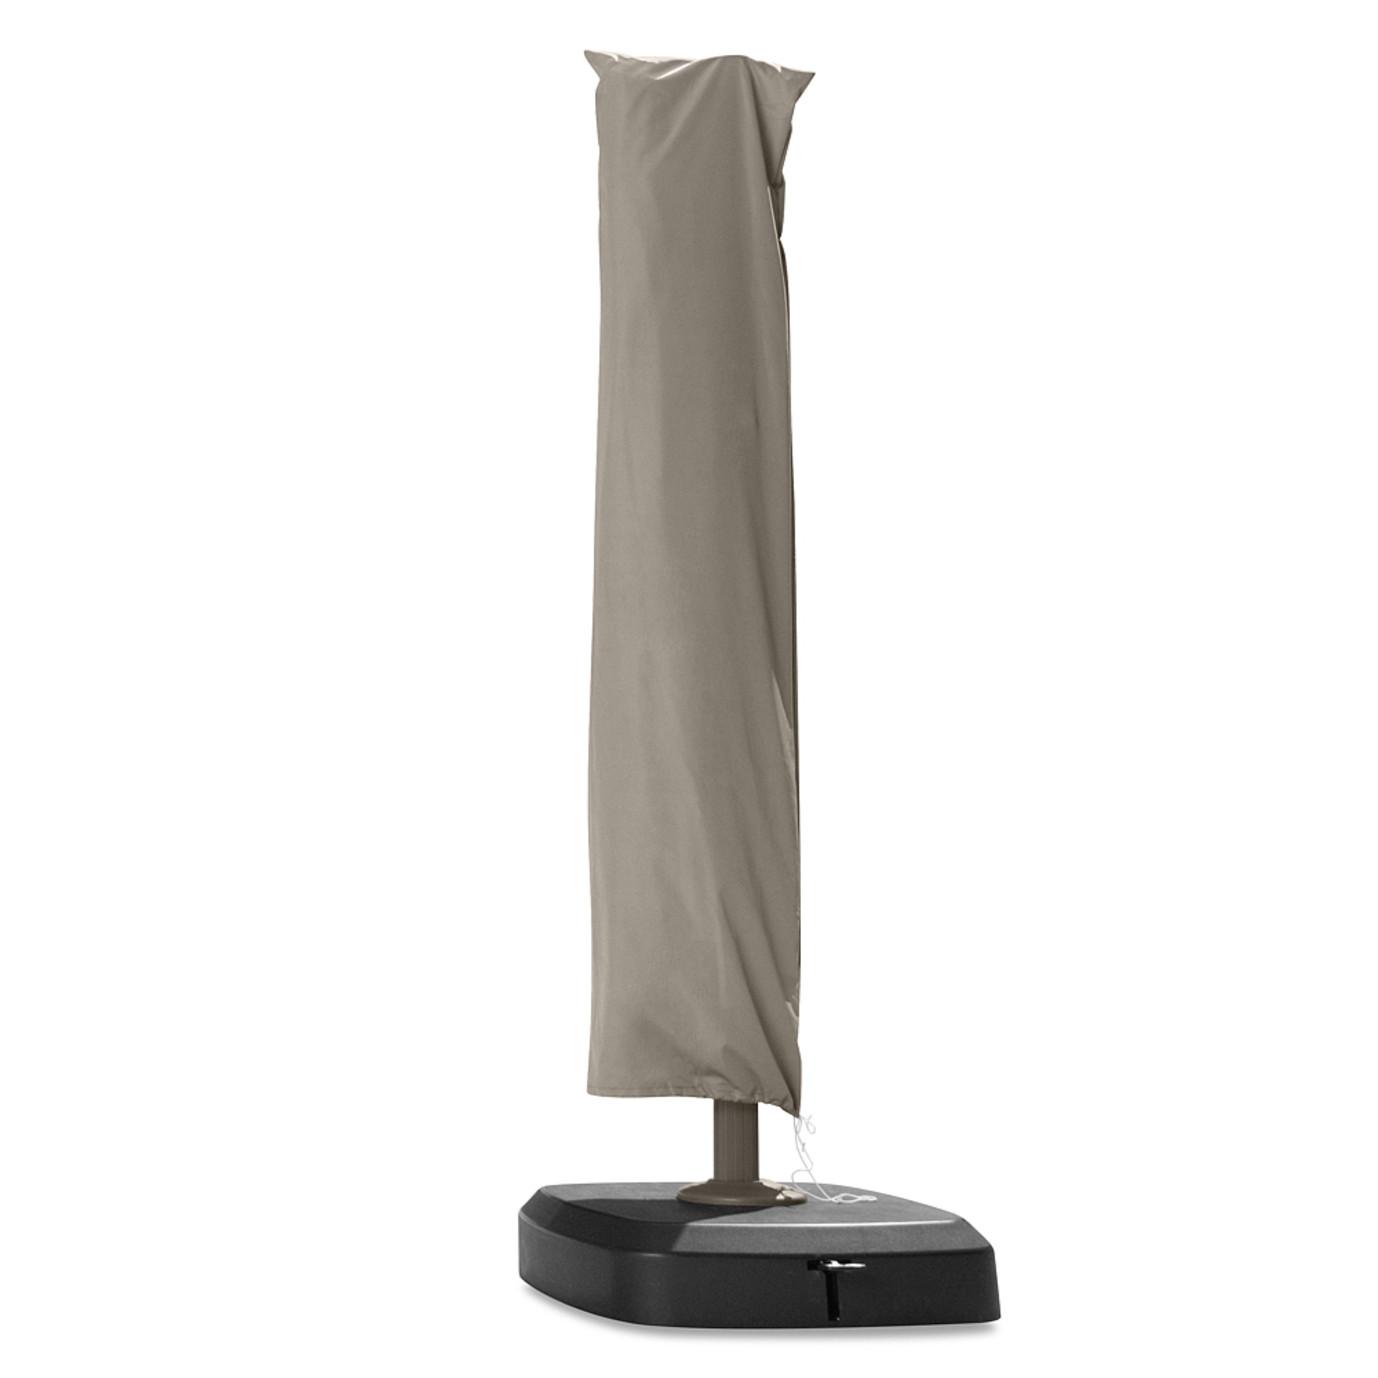 Portofino™ Comfort 10ft Resort Umbrella - Espresso Taupe